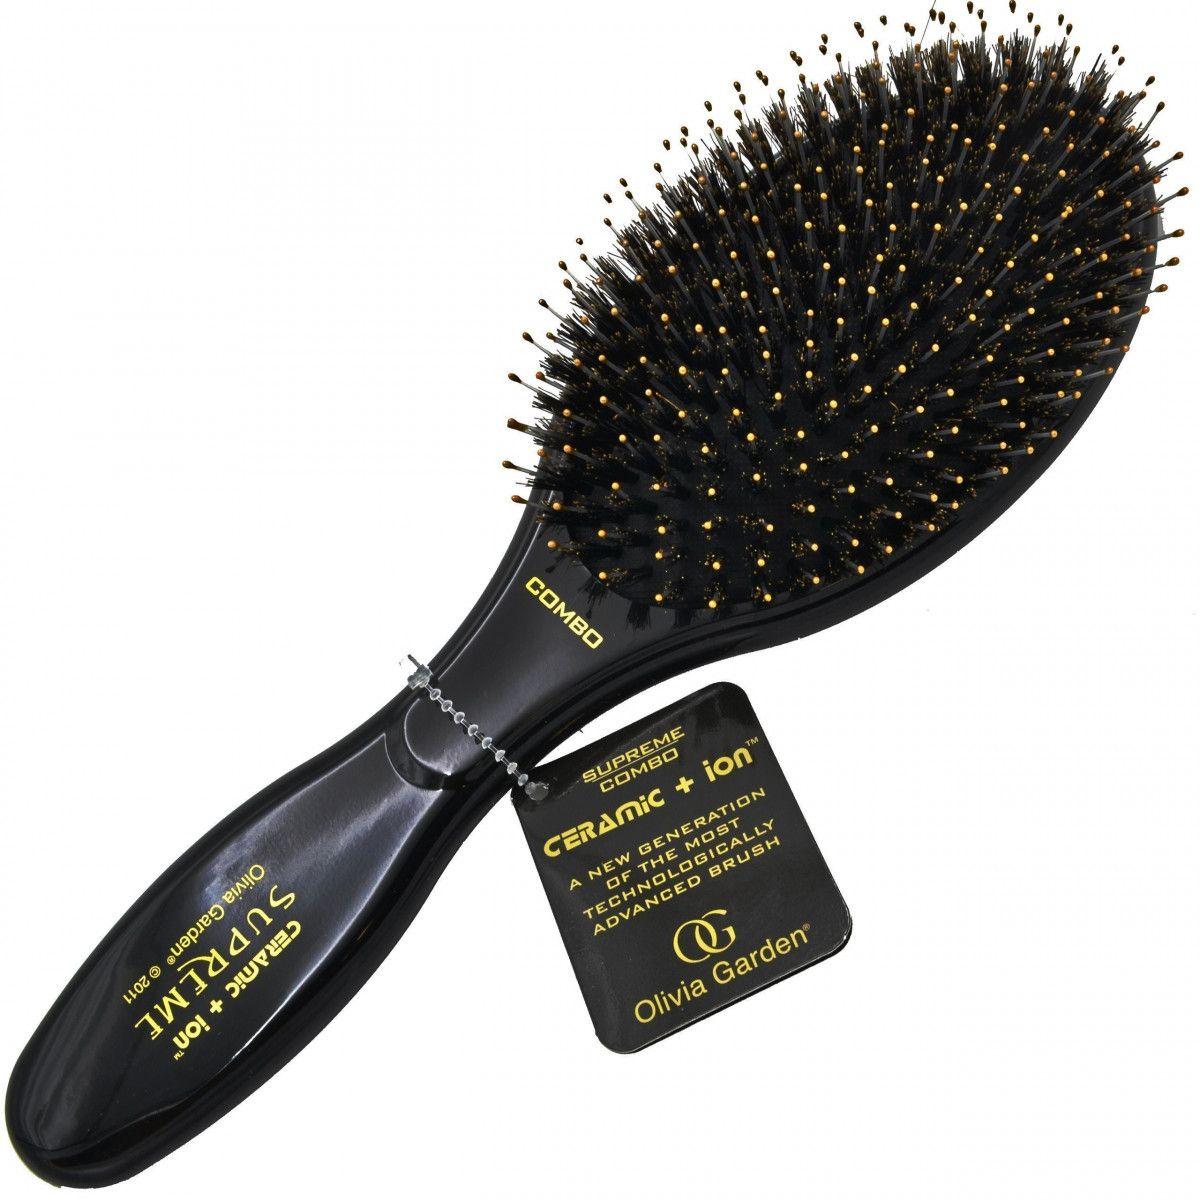 Olivia Garden Supreme Combo Black, czarna szczotka z włosia dzika do włosów